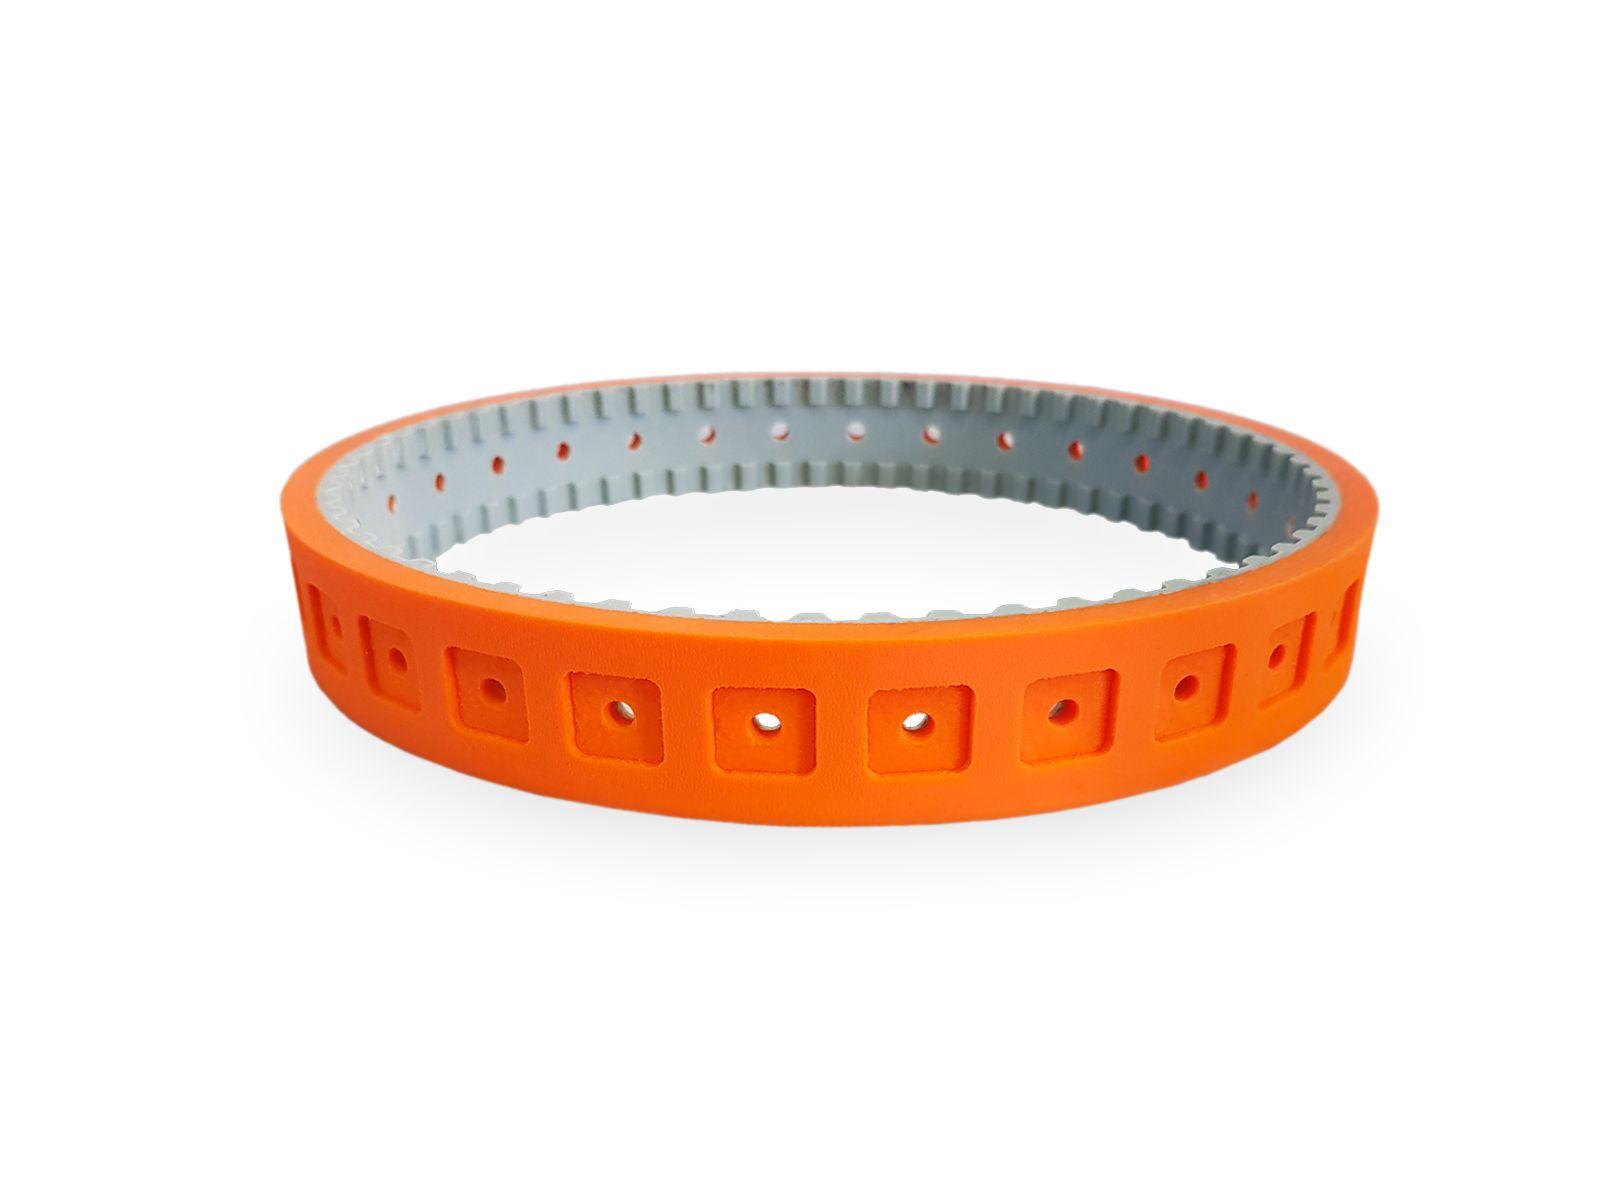 La gomma siliconica arancione 35 shore è ideale dove è richiesto un grip elevato